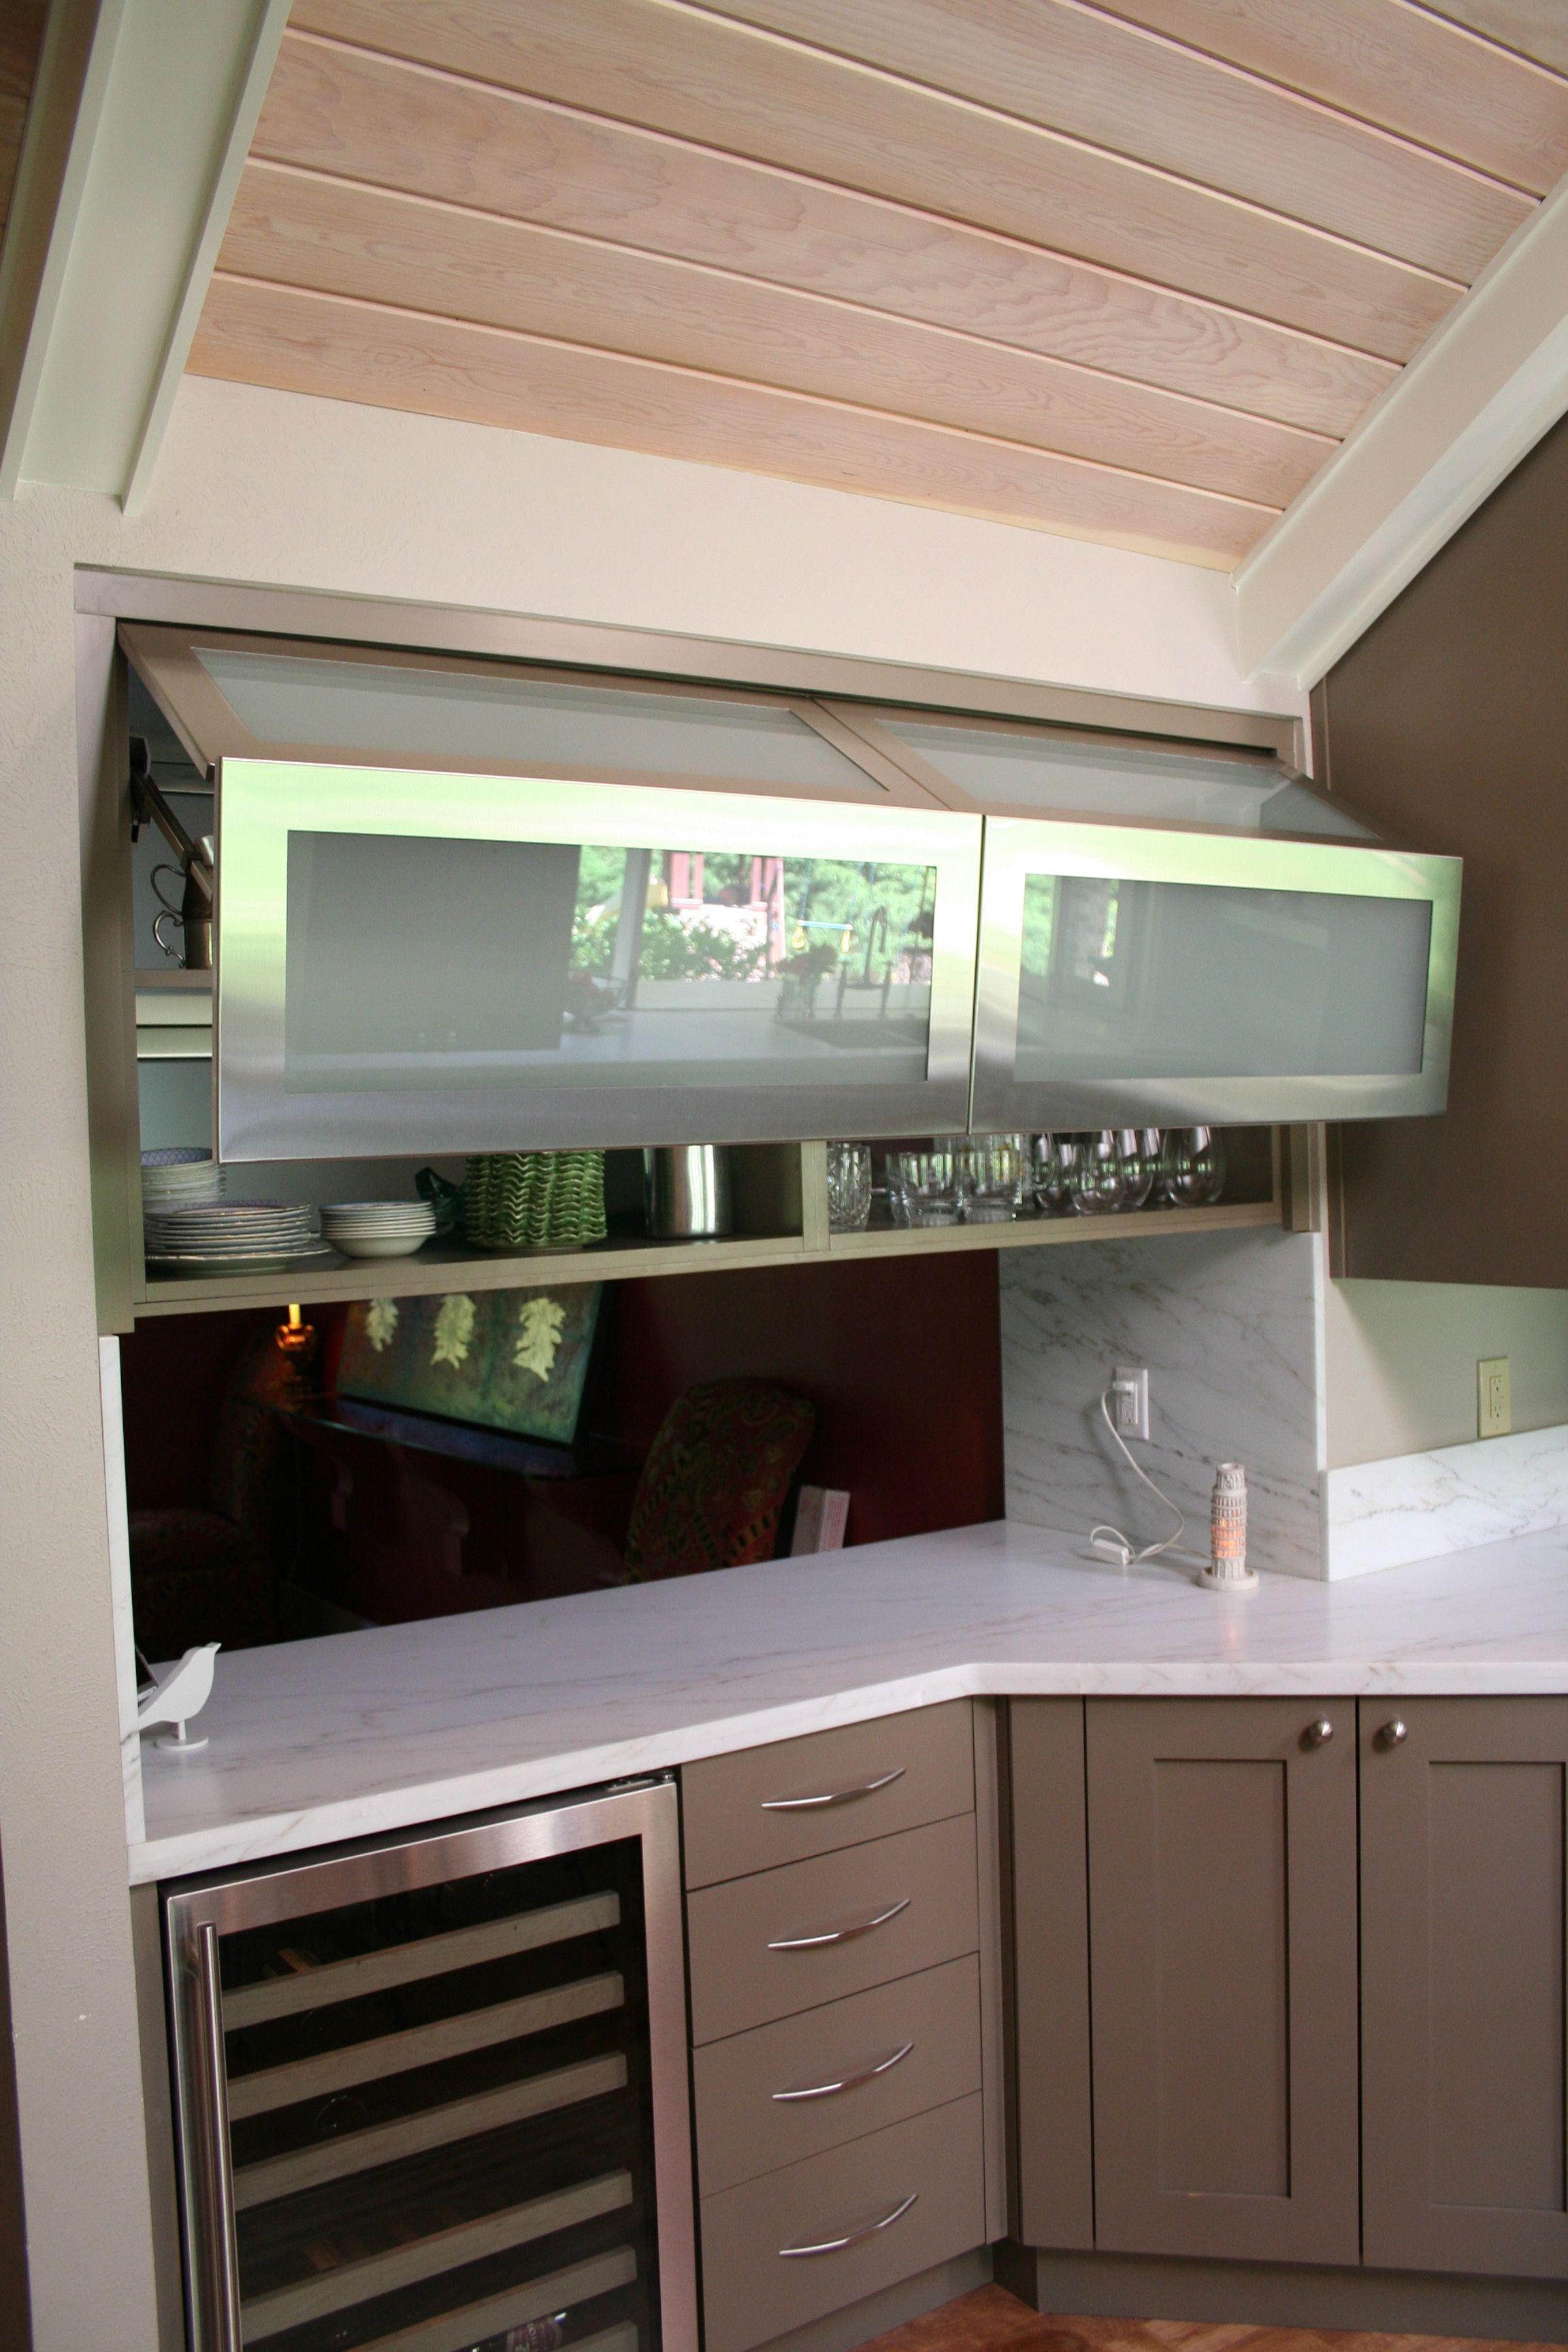 Gentry door style with Mushroom paint metaldoors Designer